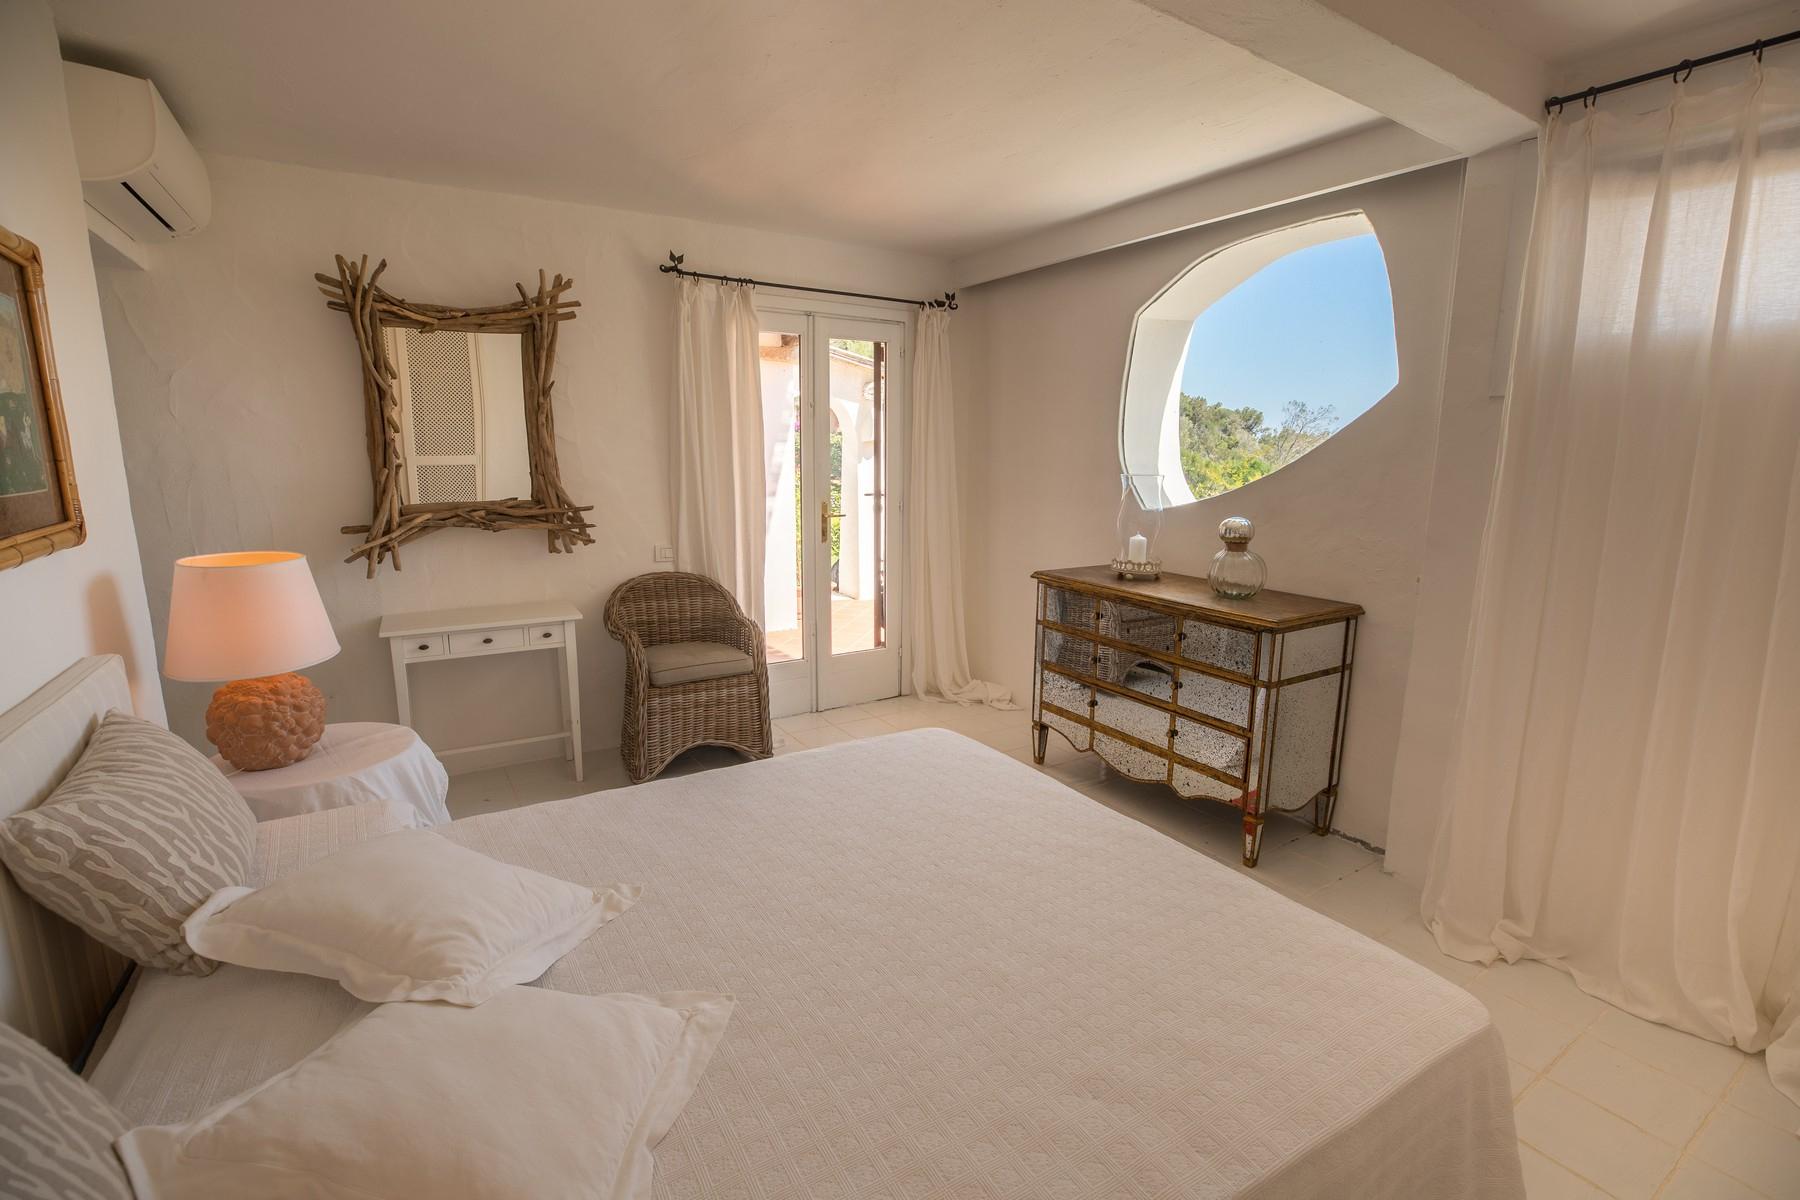 Villa in Vendita a Arzachena: 5 locali, 220 mq - Foto 19